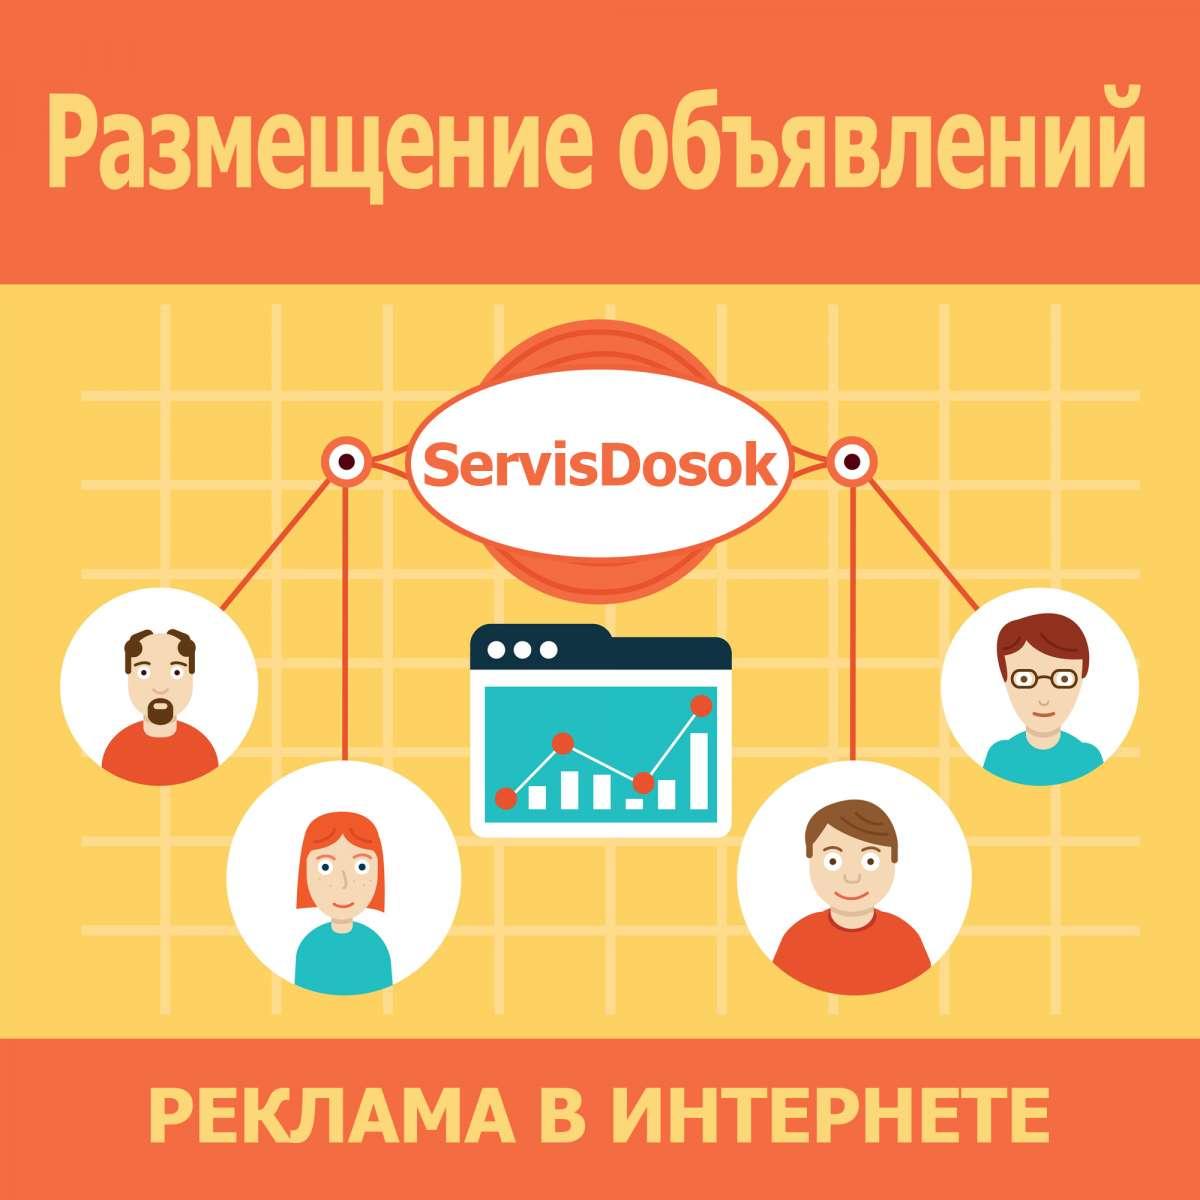 Размещение объявлений с помощью ServisDosok